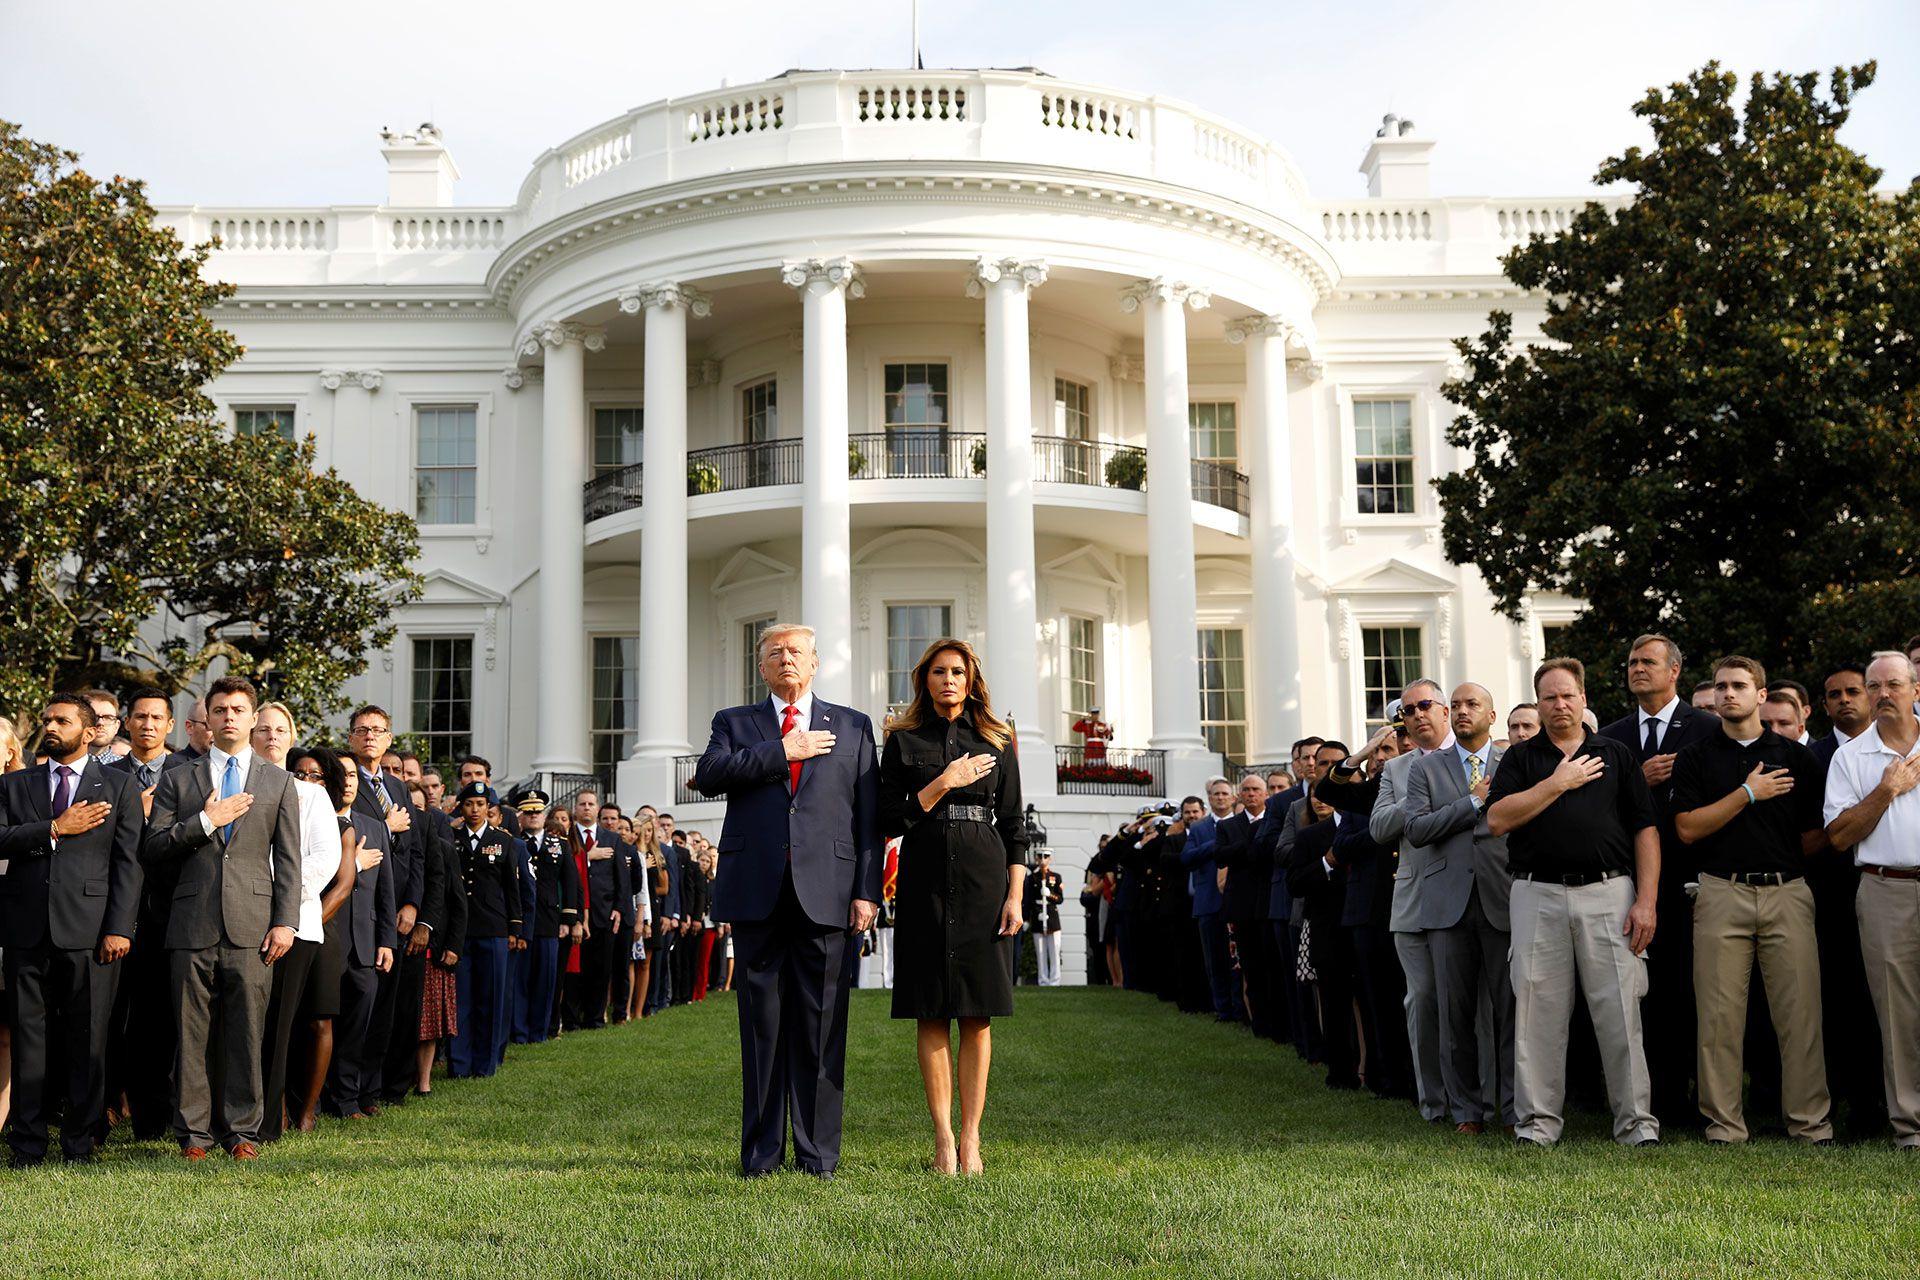 El presidente de los Estados Unidos, Donald Trump, junto a la primera dama Melania, observando un minuto de silencio frente a la Casa Blanca (Reuters)